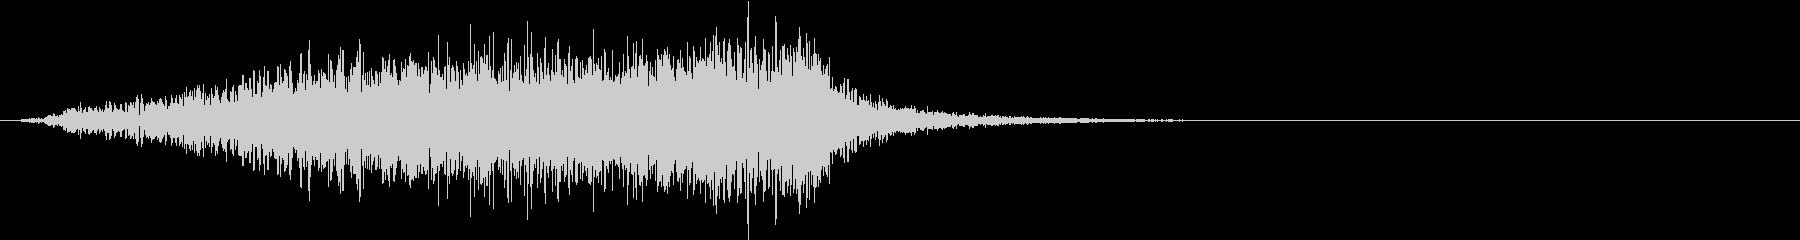 ホラー 近く 接近 恐怖 金属音 10の未再生の波形